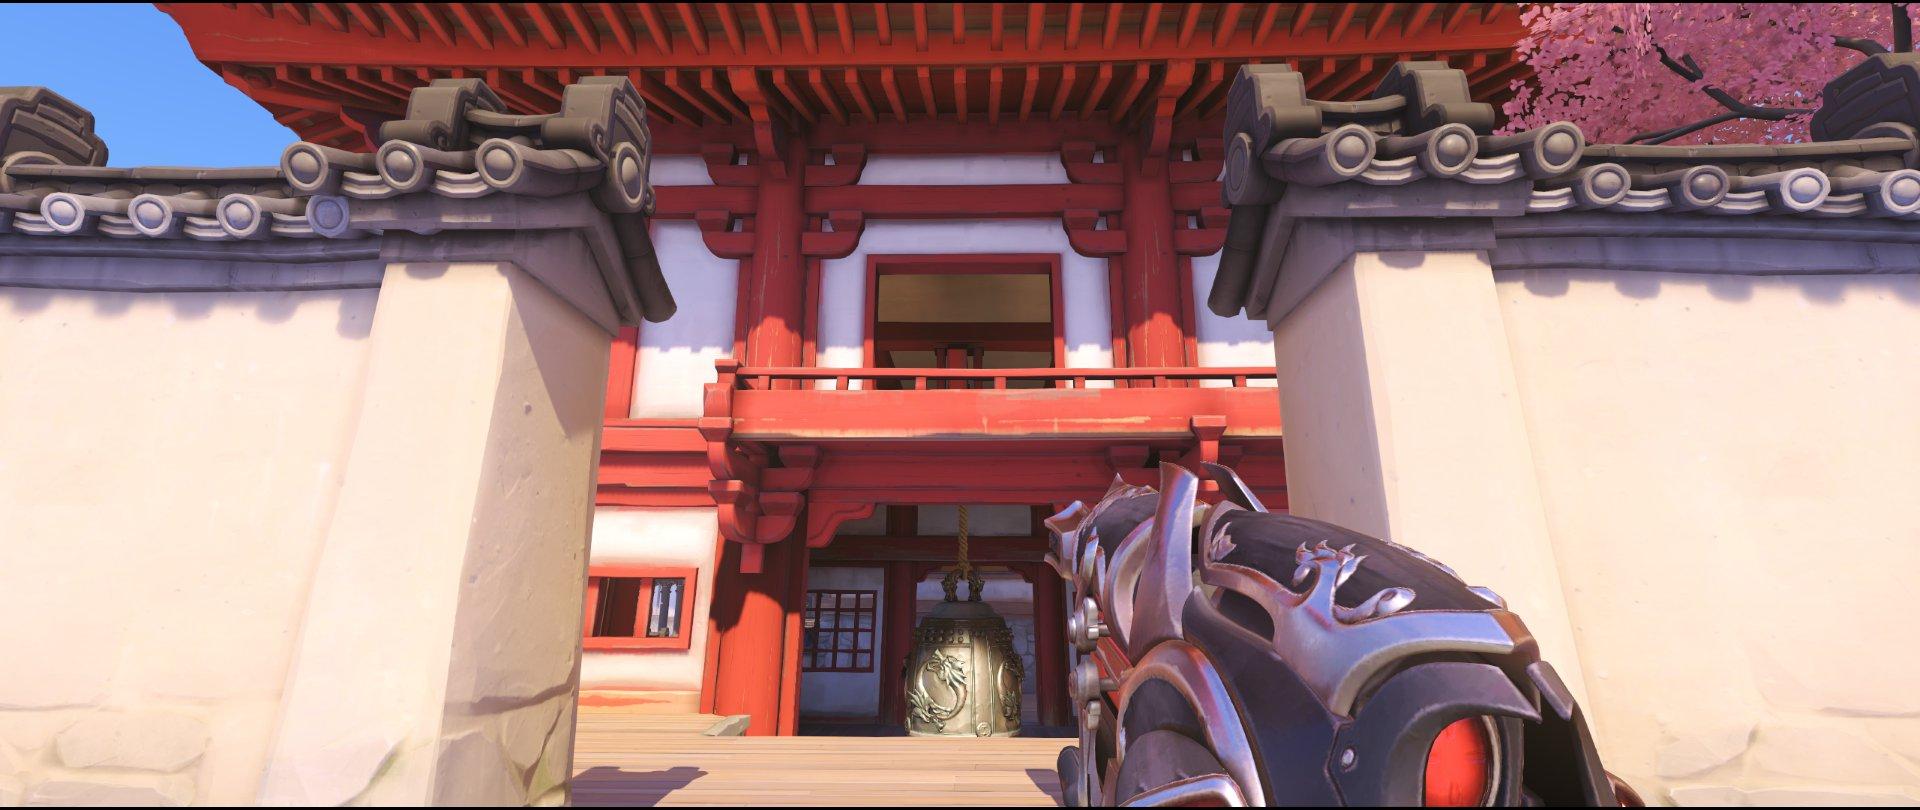 Terrace attack Widowmaker sniping spot Hanamura Overwatch.jpg